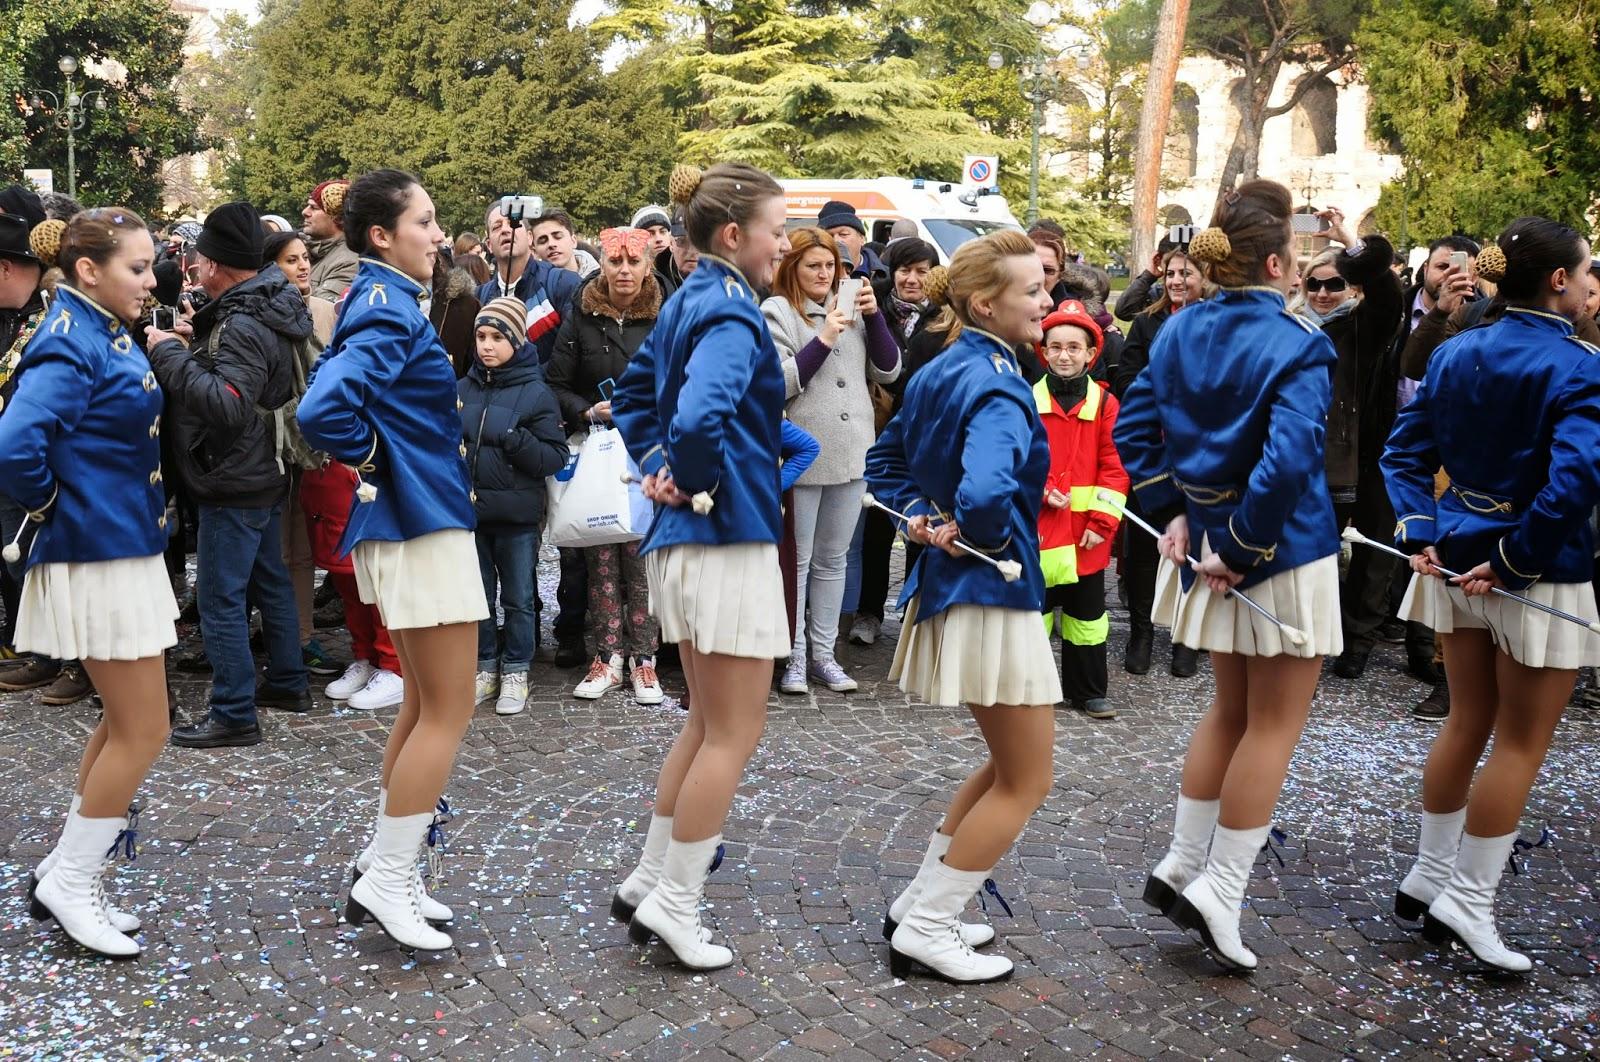 Majorettes dancing at the parade at Verona Carnival